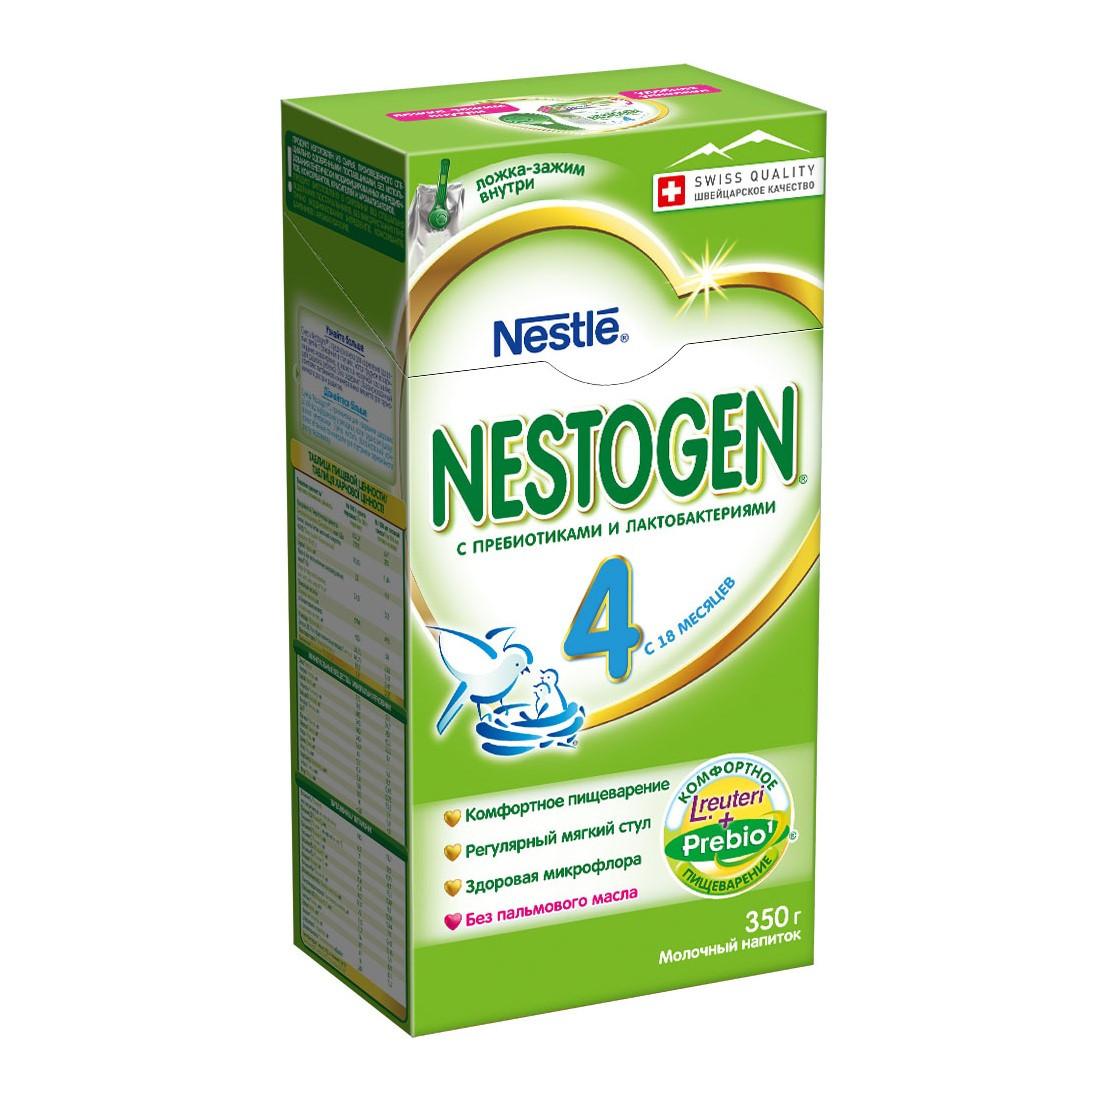 Смесь Nestogen 4 с пребиотиками, 18+, 350г